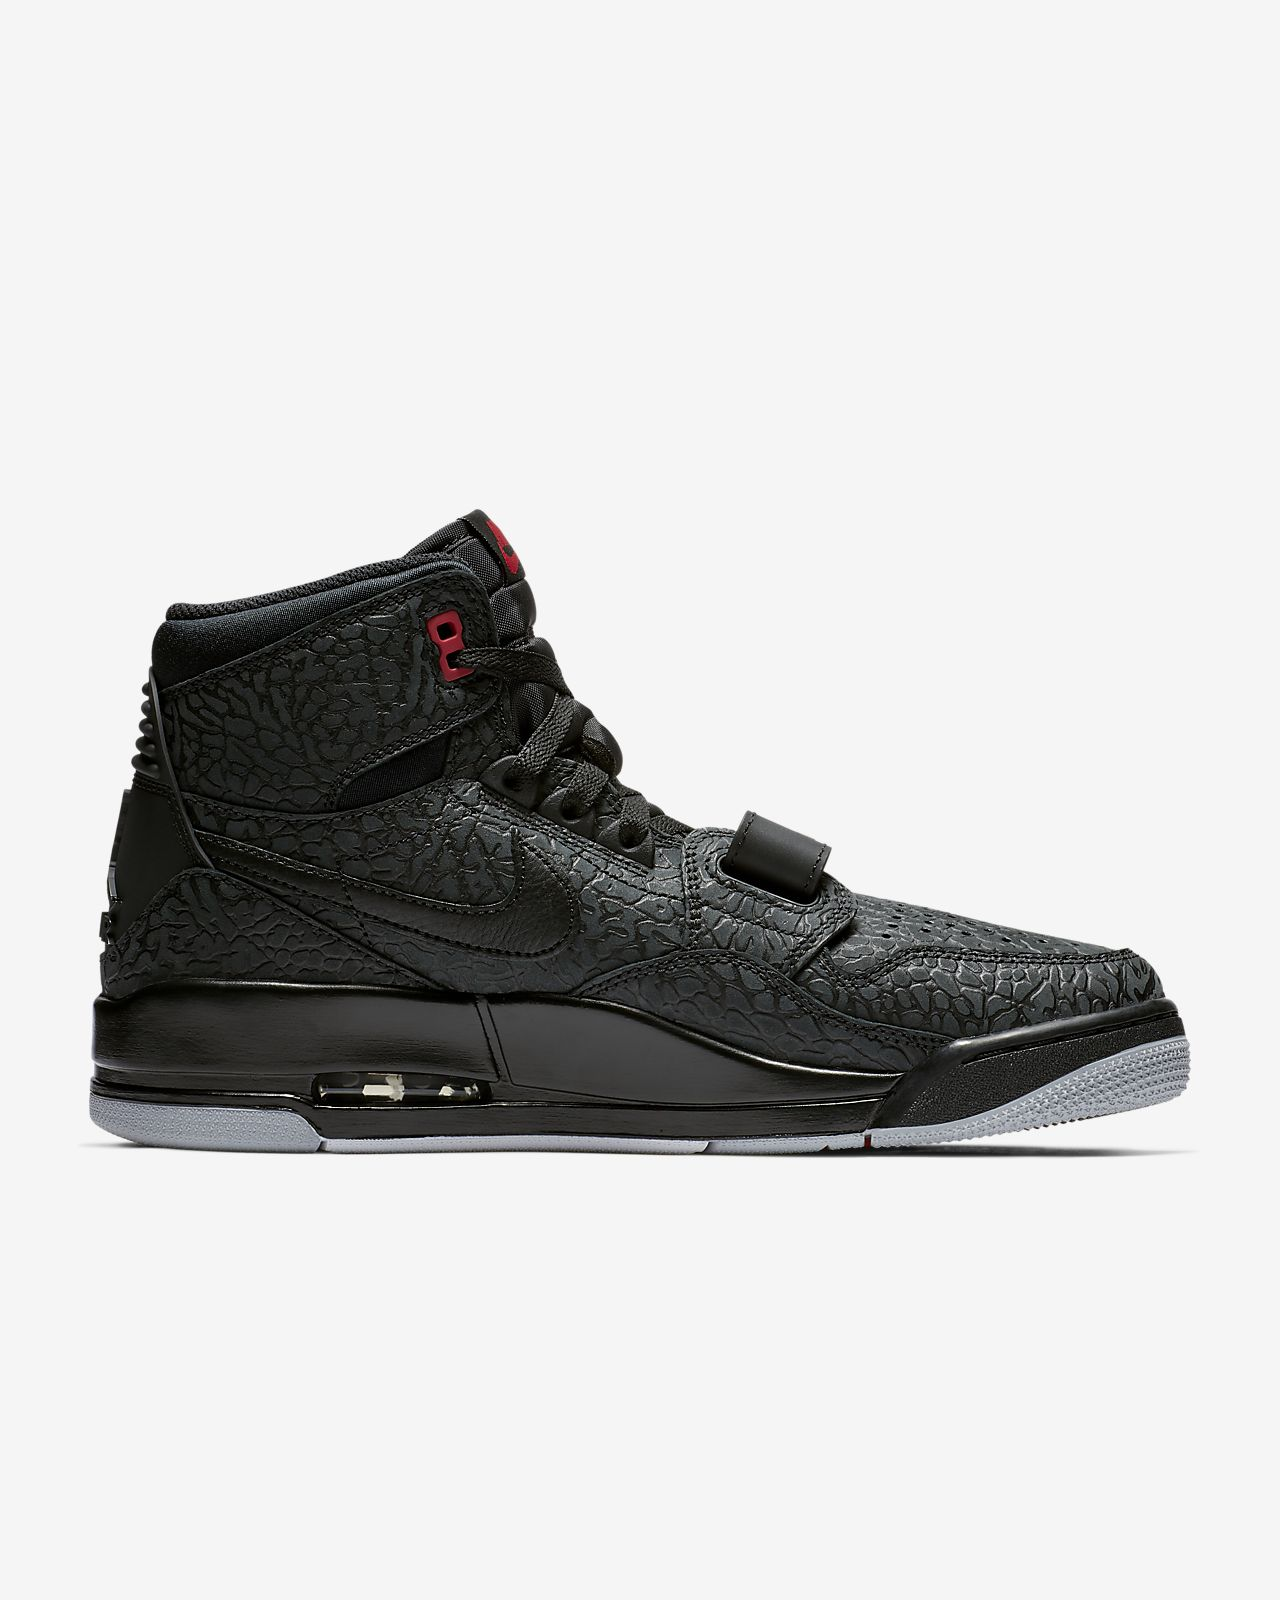 b0c0c522ed7f56 Air Jordan Legacy 312 Men s Shoe. Nike.com CA